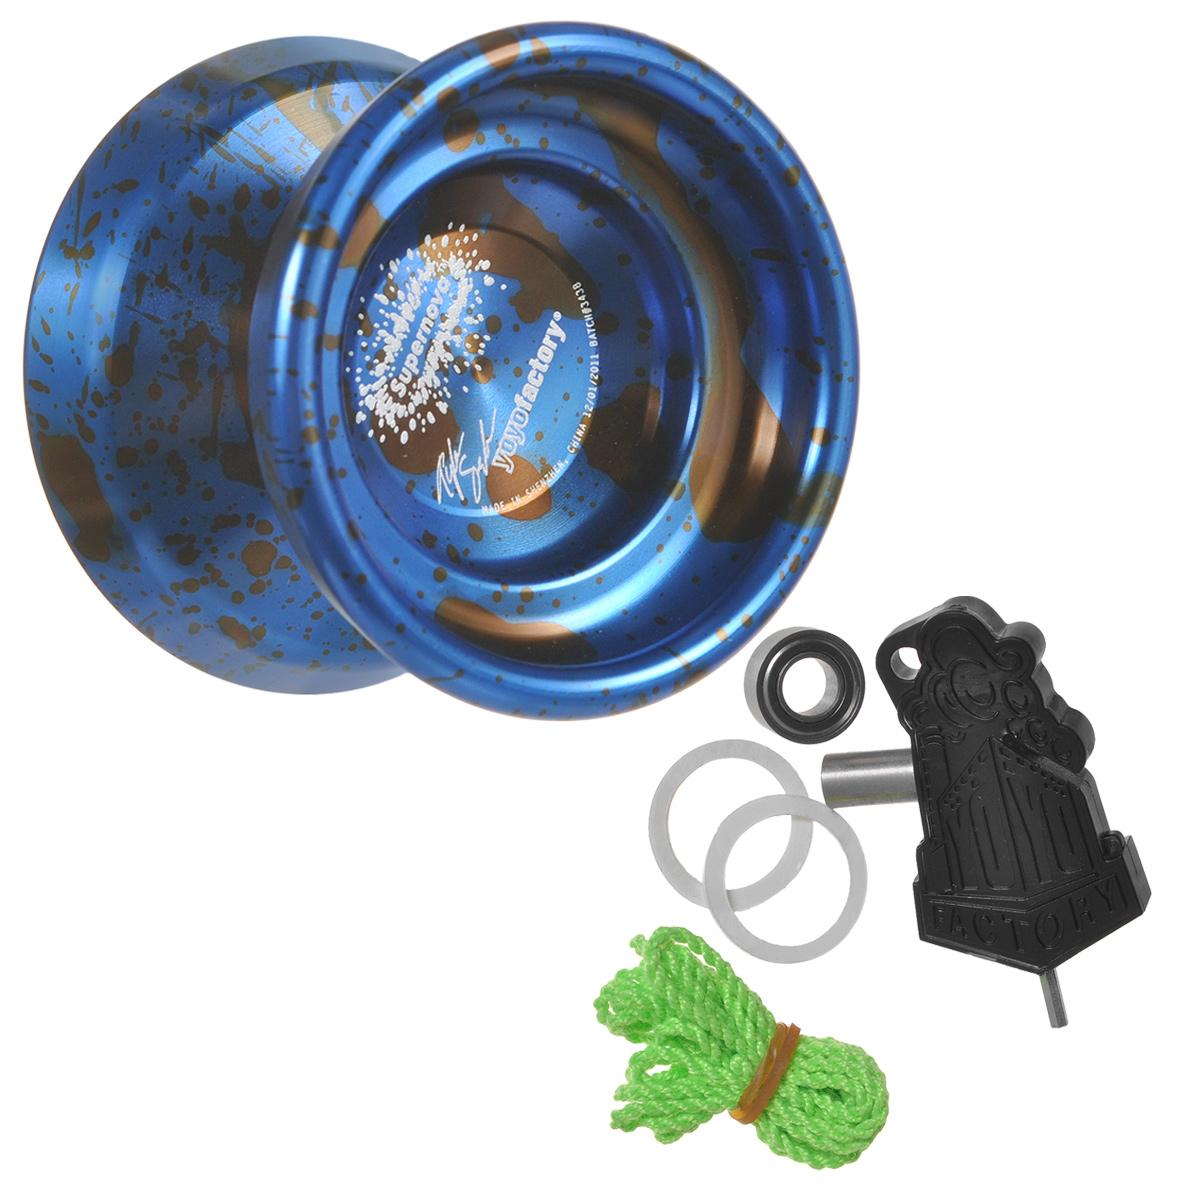 Йо-йо YoYoFactory Supernova, цвет: синий, черный йо йо auldey yoyo